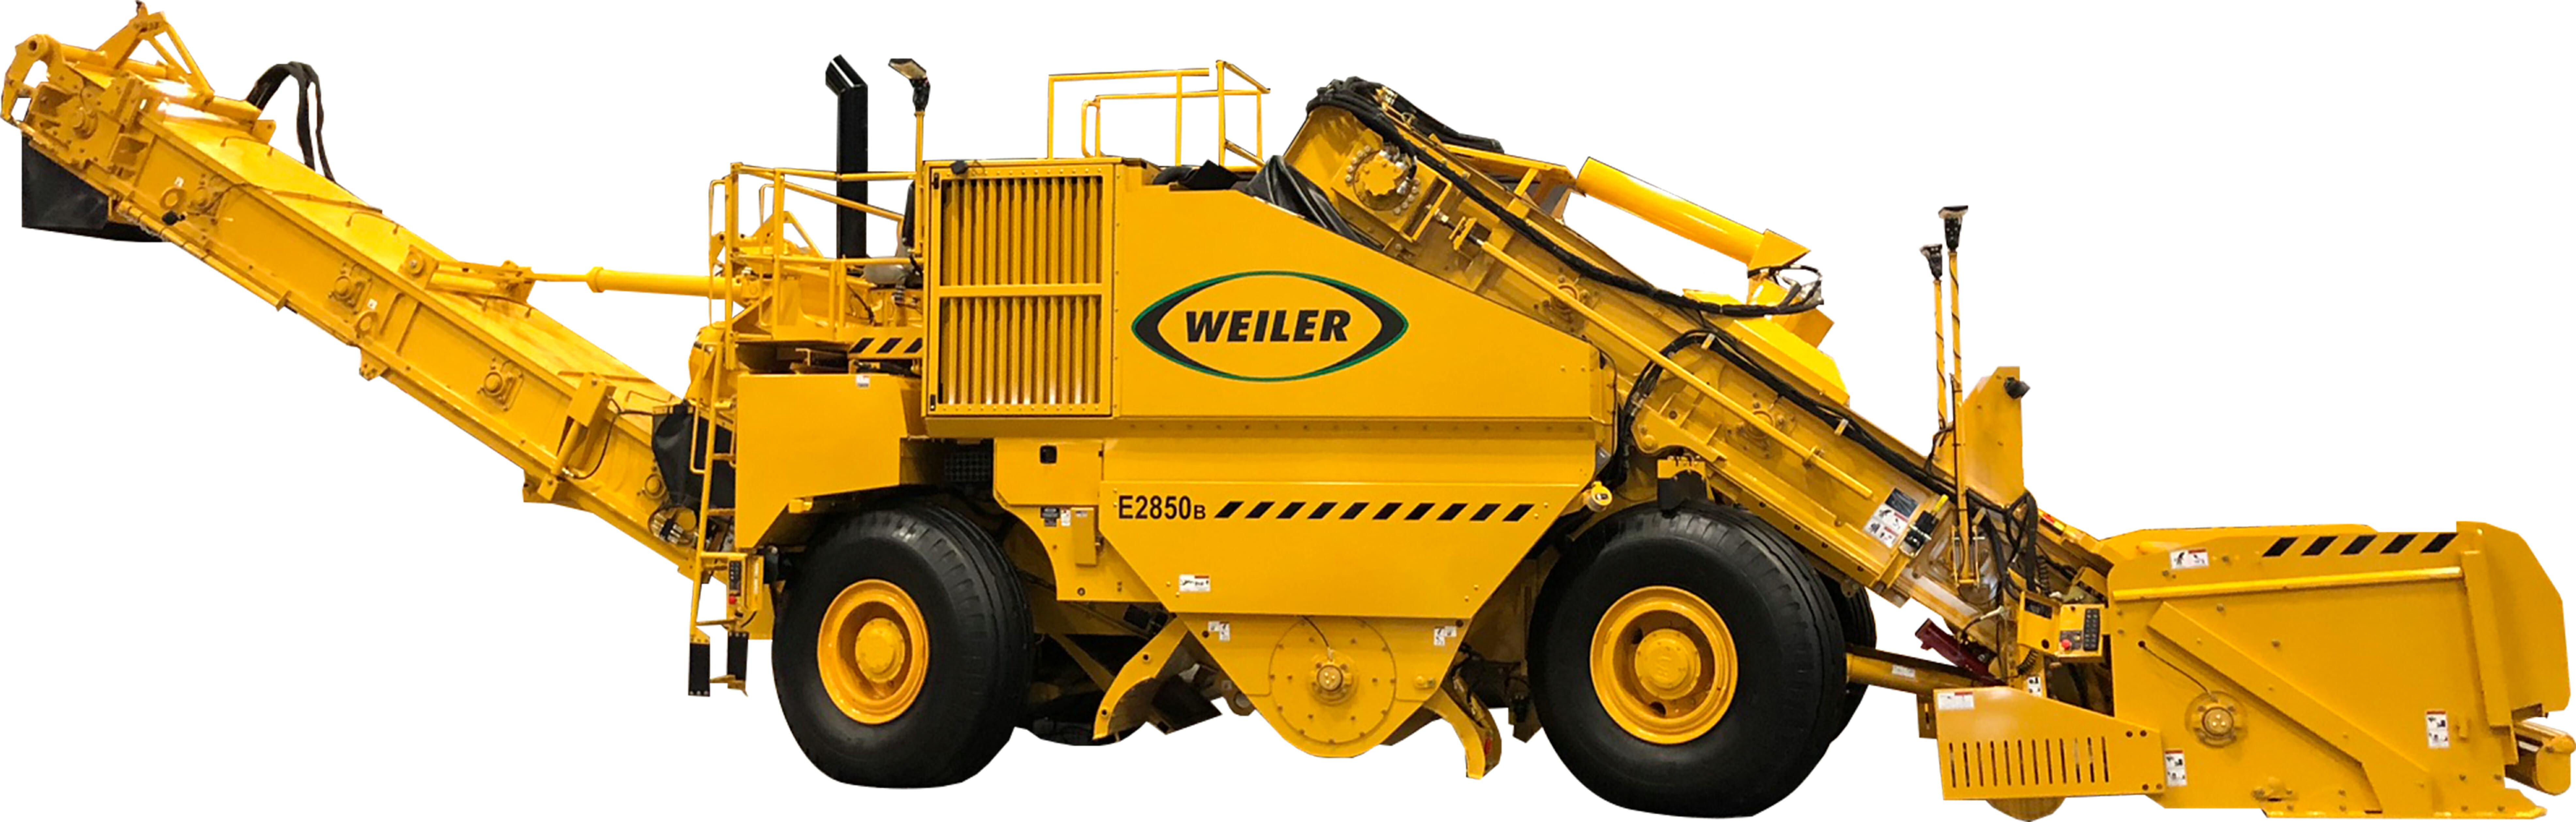 Wieler E2850B